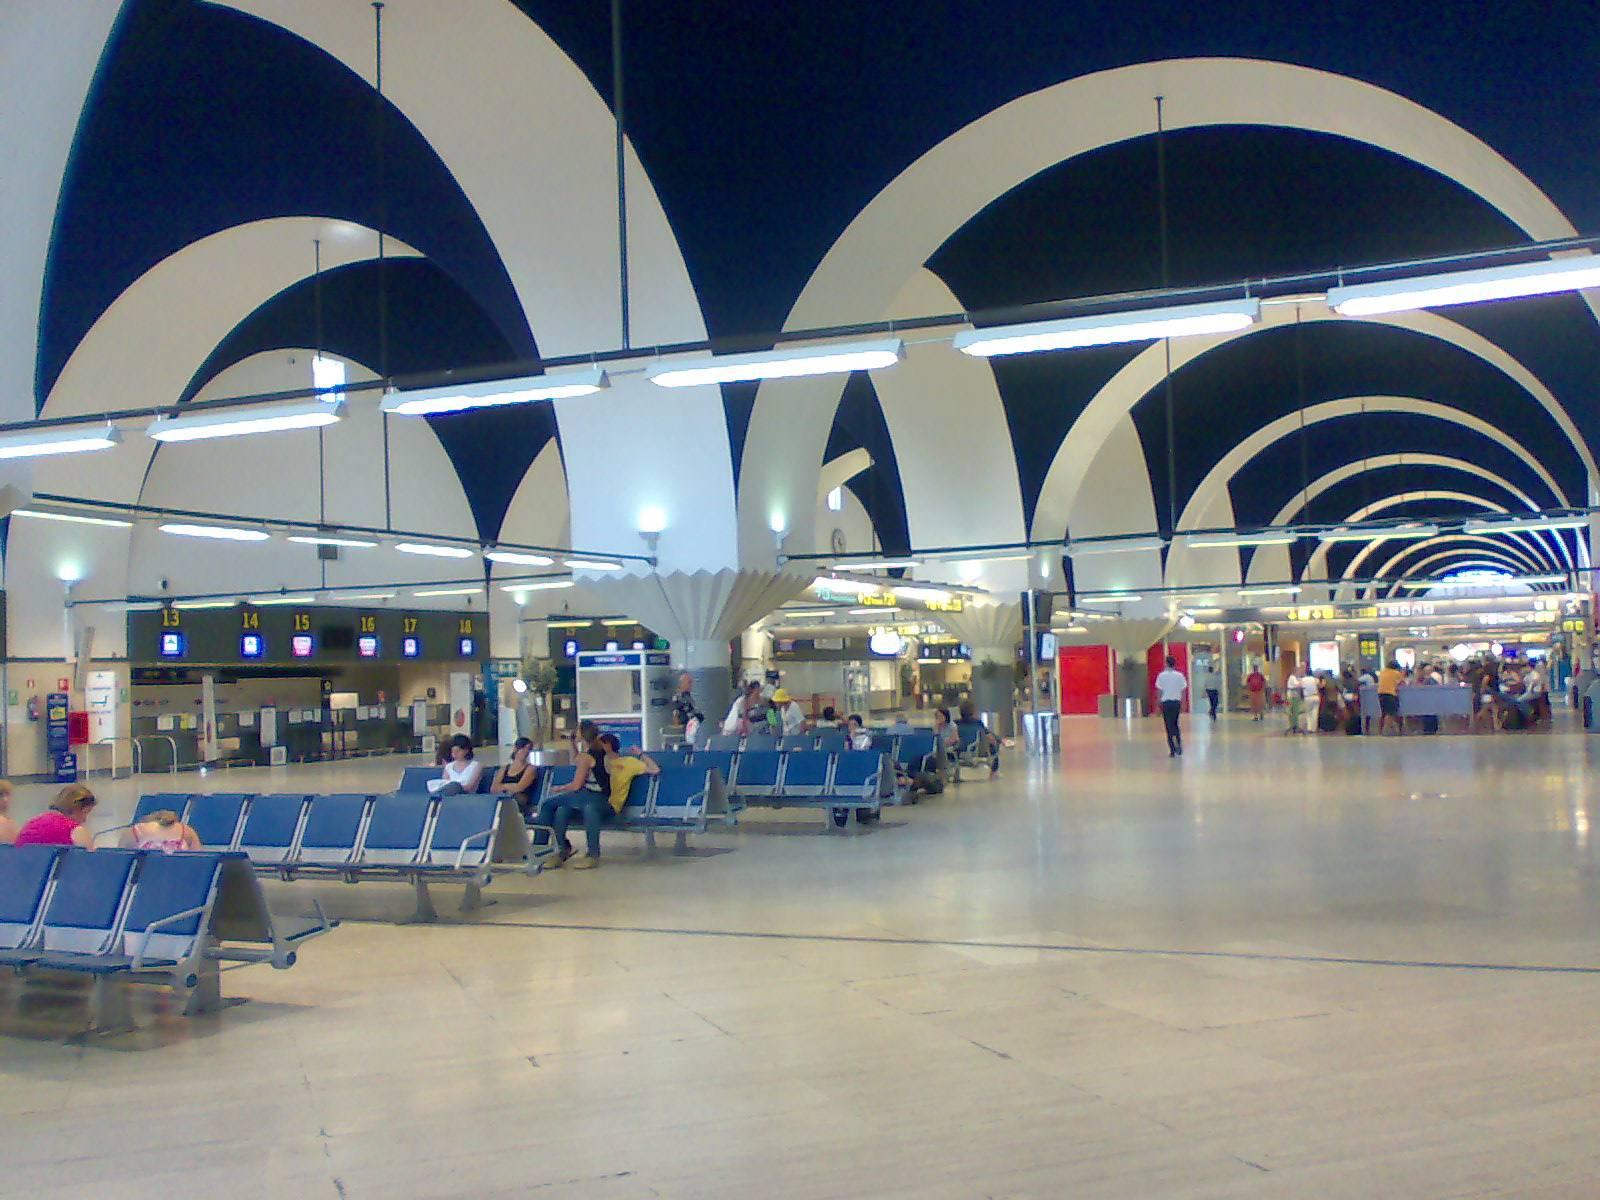 Как доехать из аэропорта севильи до центра города | авиакомпании и авиалинии россии и мира